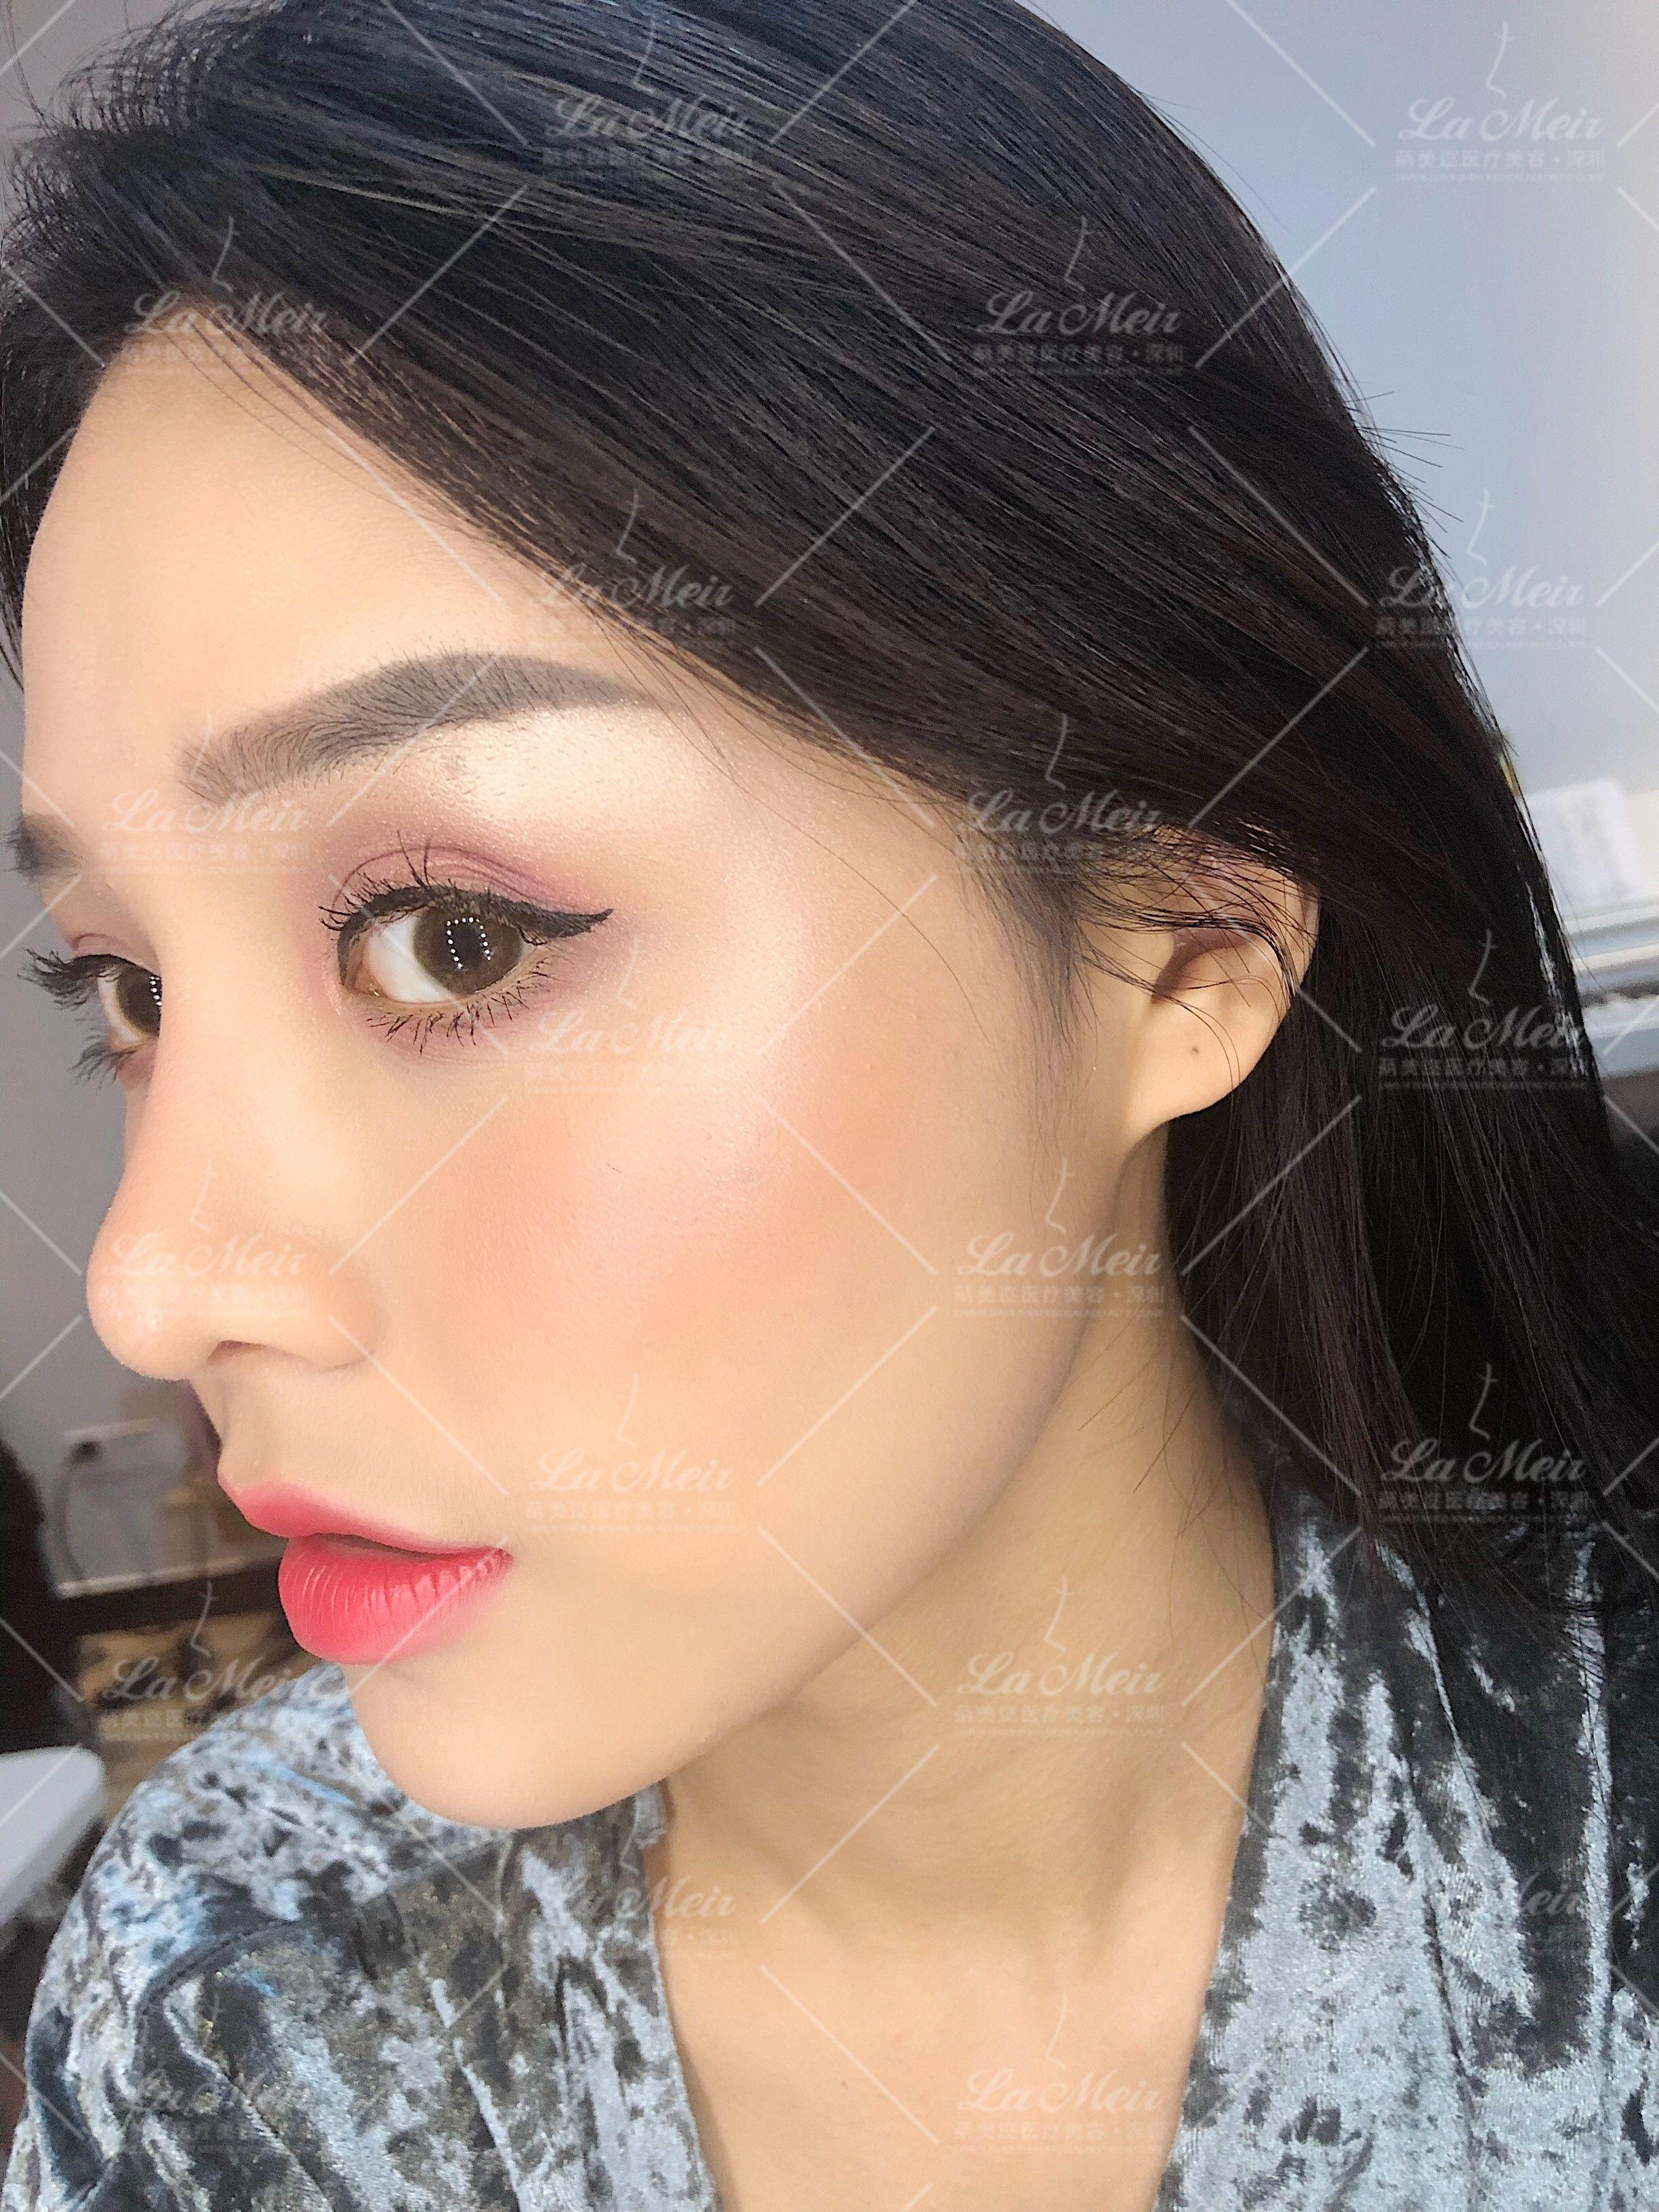 化妆品可以让我玩一整天,化妆可是个细致活,得慢慢来,特别是眼妆,需要有层次,晕染到位,每次化妆就像在完成一件艺术品。